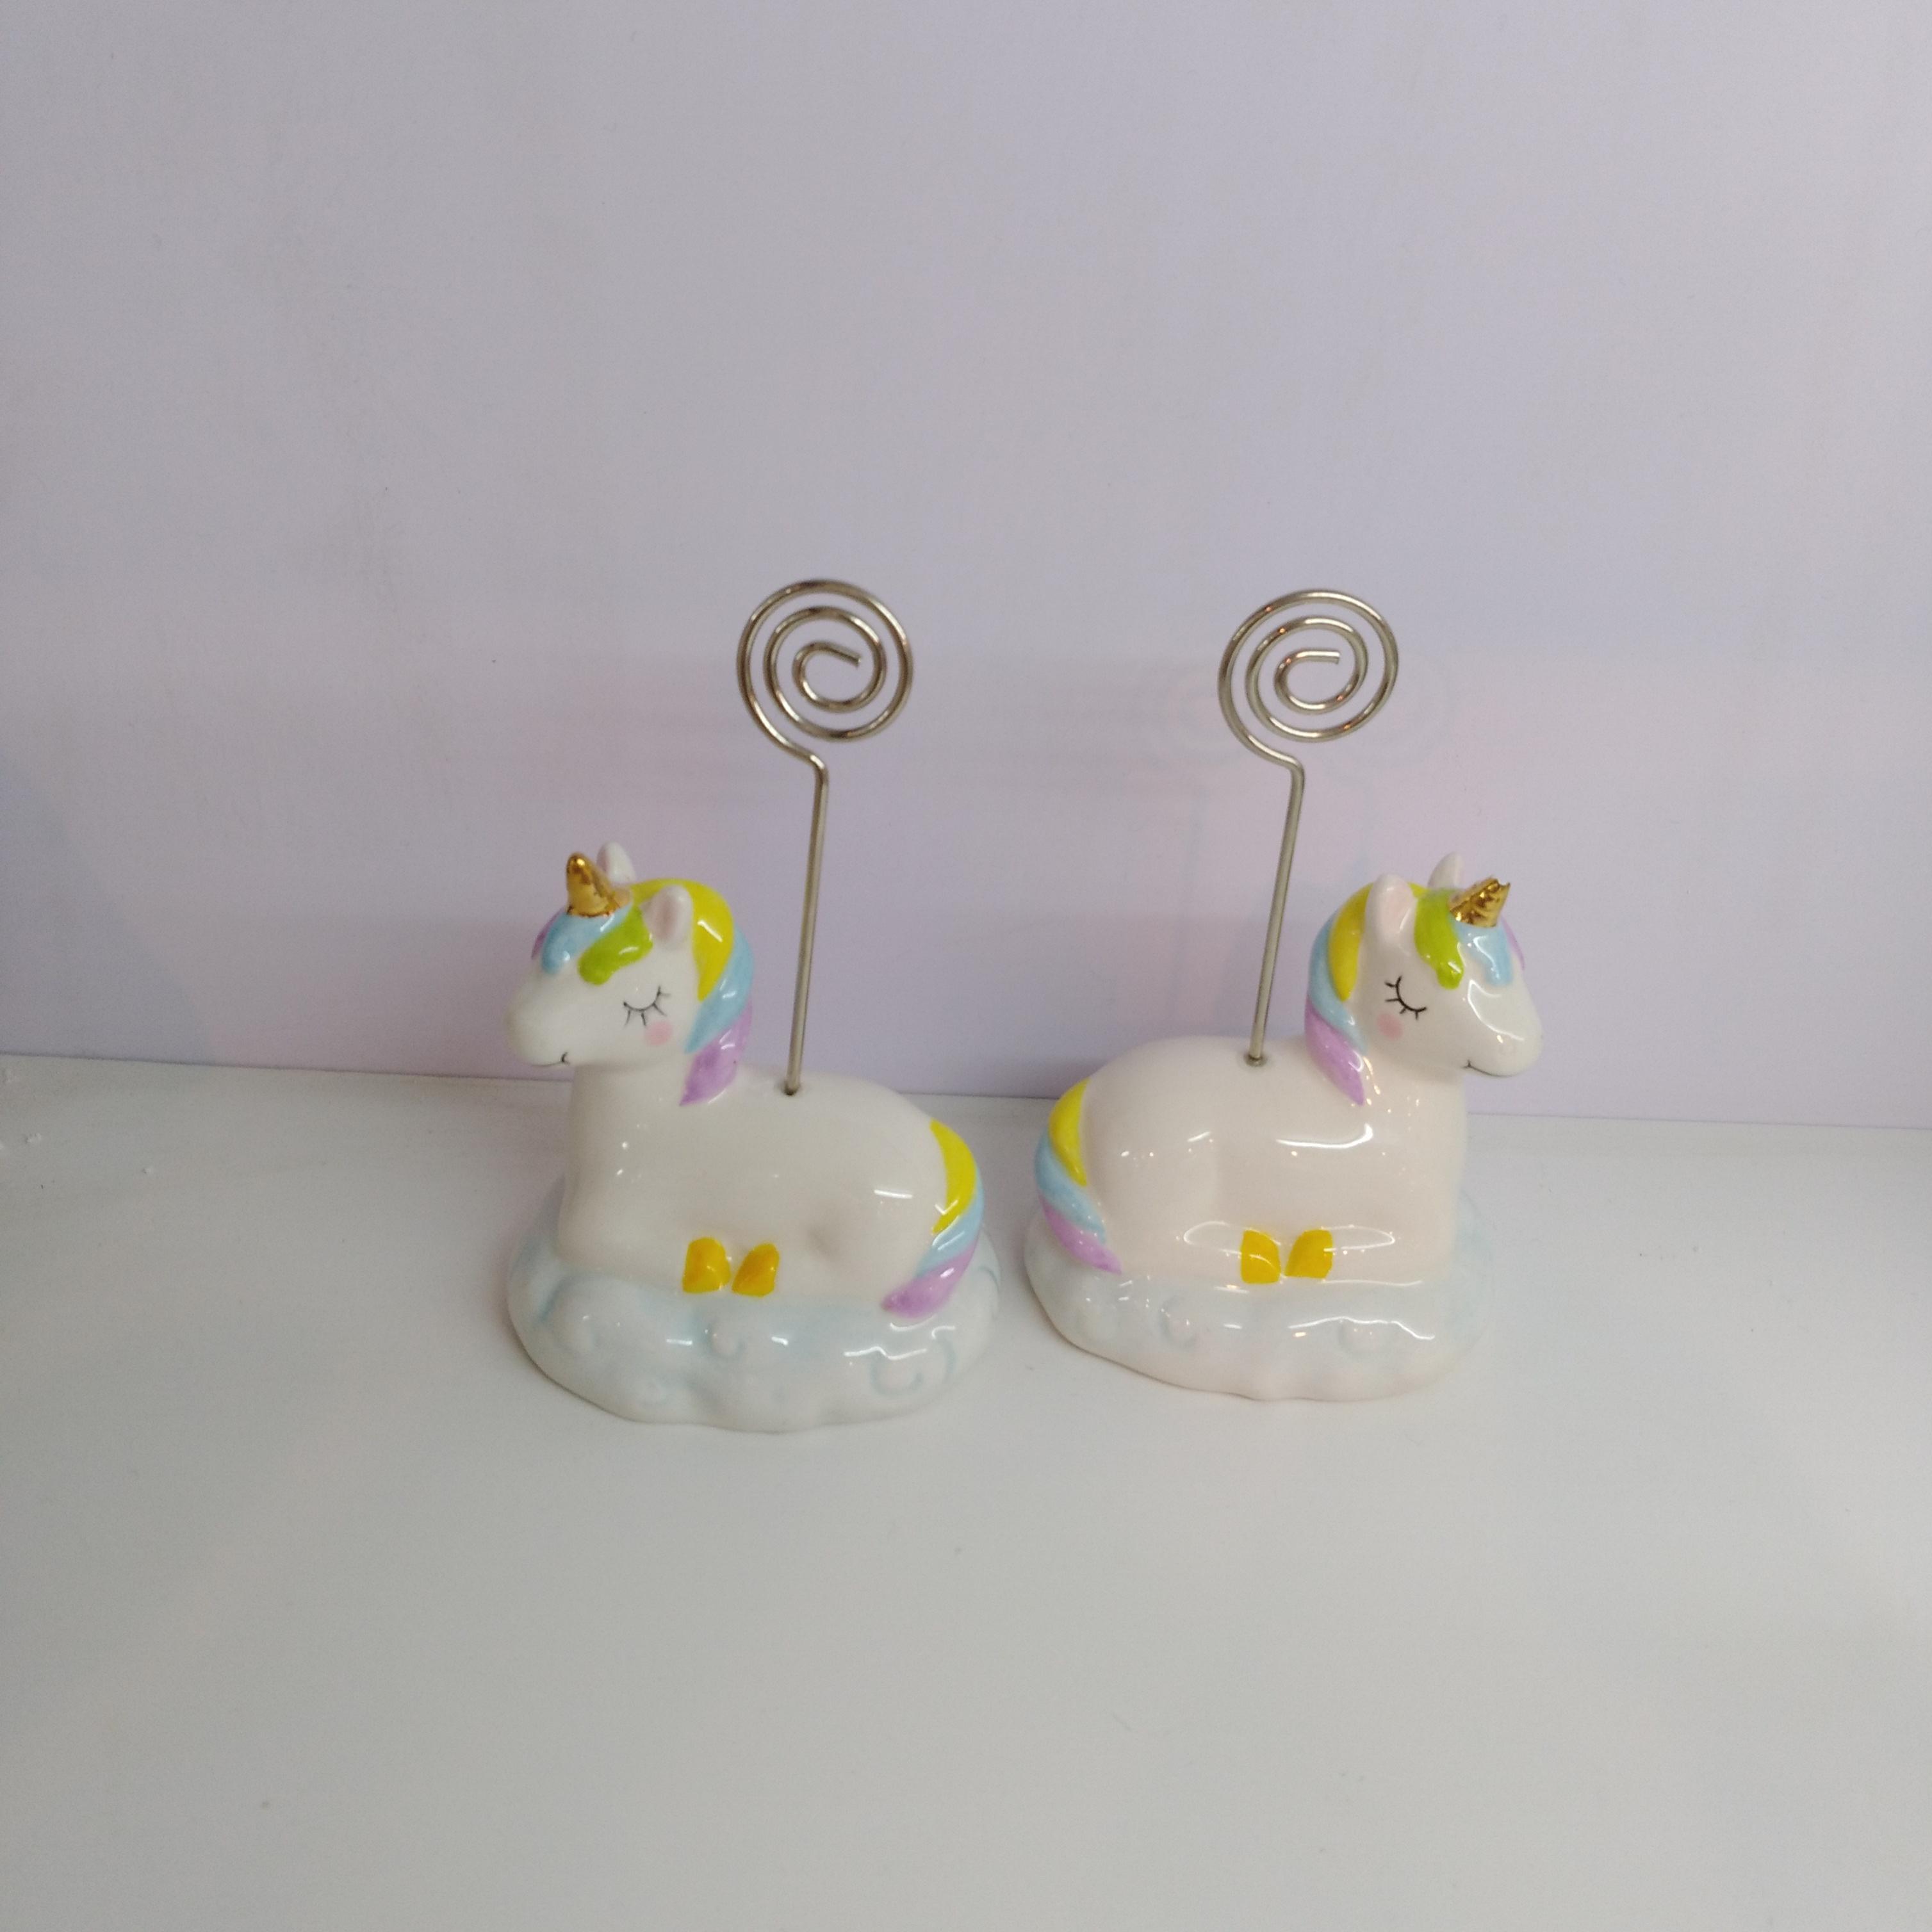 Photo/ Card Holders with Ceramic Unicorn Shaped Base